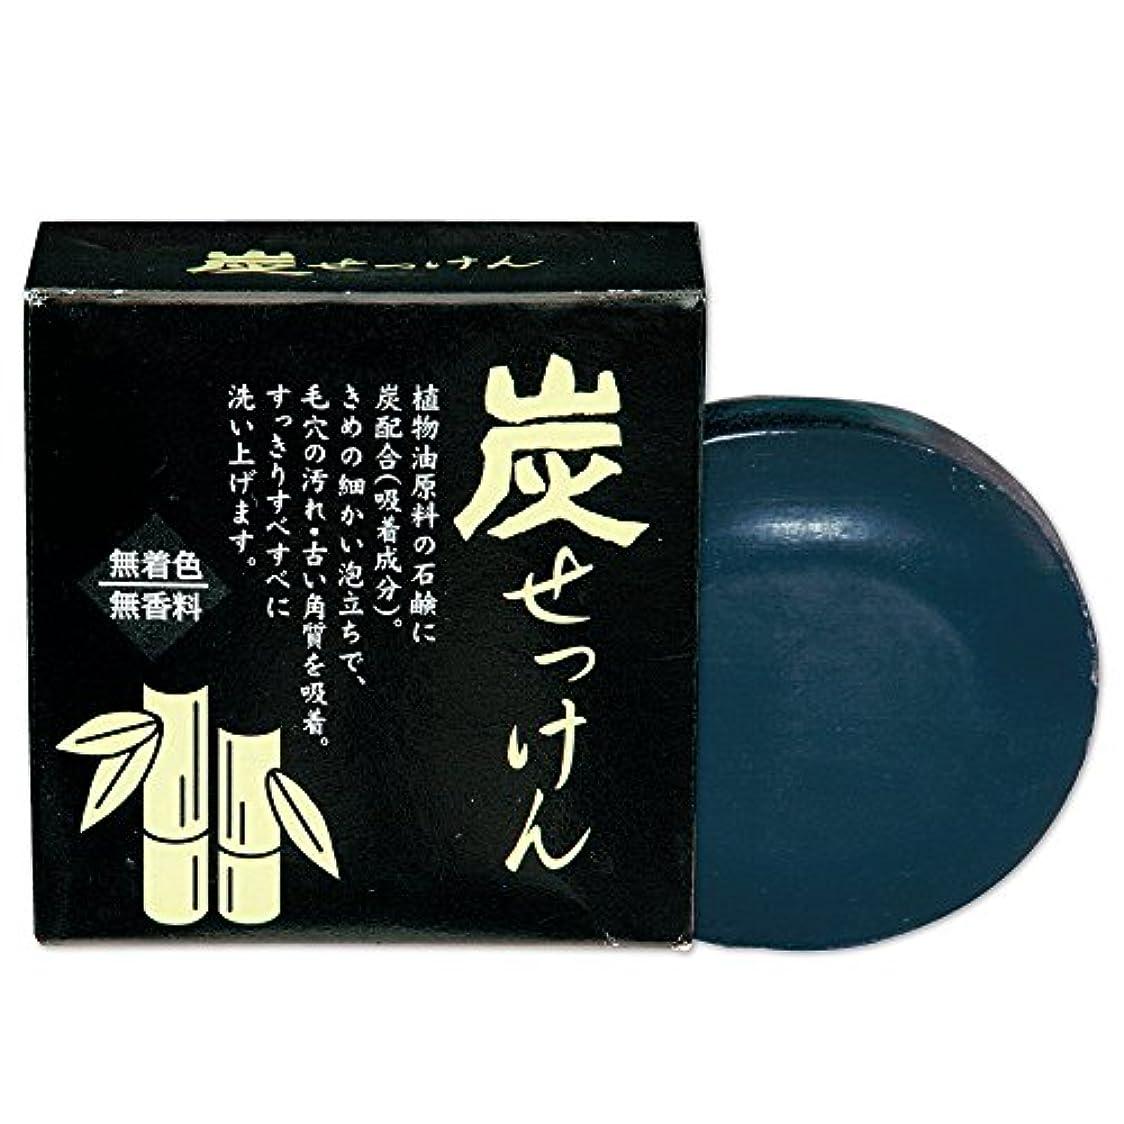 有毒破壊的消毒剤竹炭の里 炭せっけん 無香料 無着色 100g 累計販売100万個突破の人気商品。